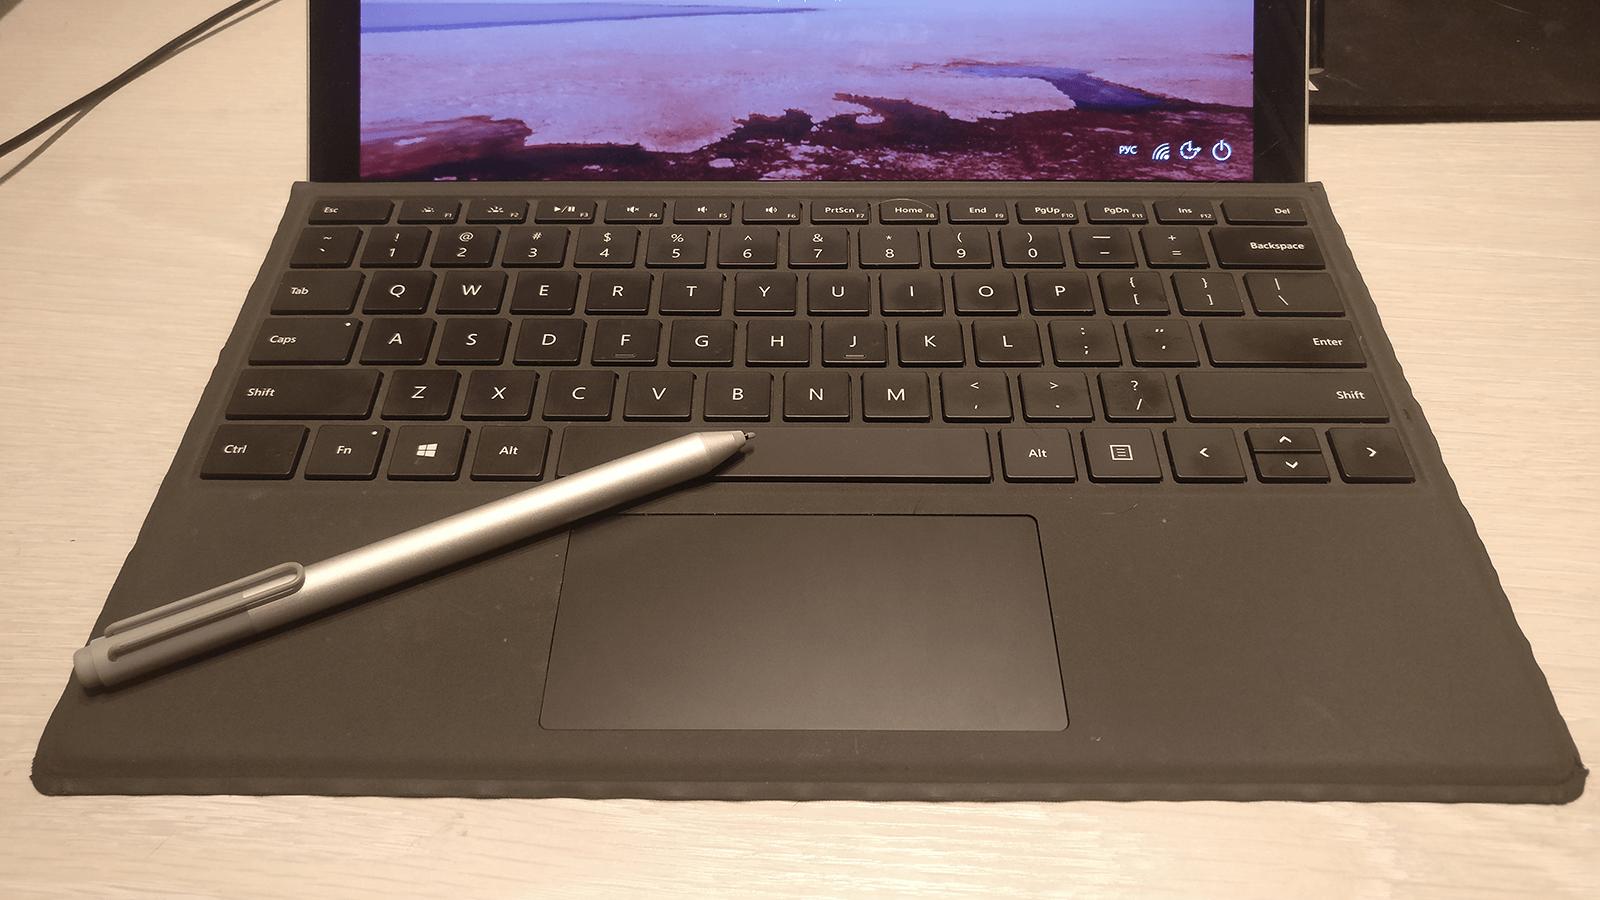 Память рук — замечательная вещь. На клавиатуре моего рабочего ноутбука нет кириллических букв, но я как-то написал эту статью. Просто пальцы сами тянутся к нужным клавишам